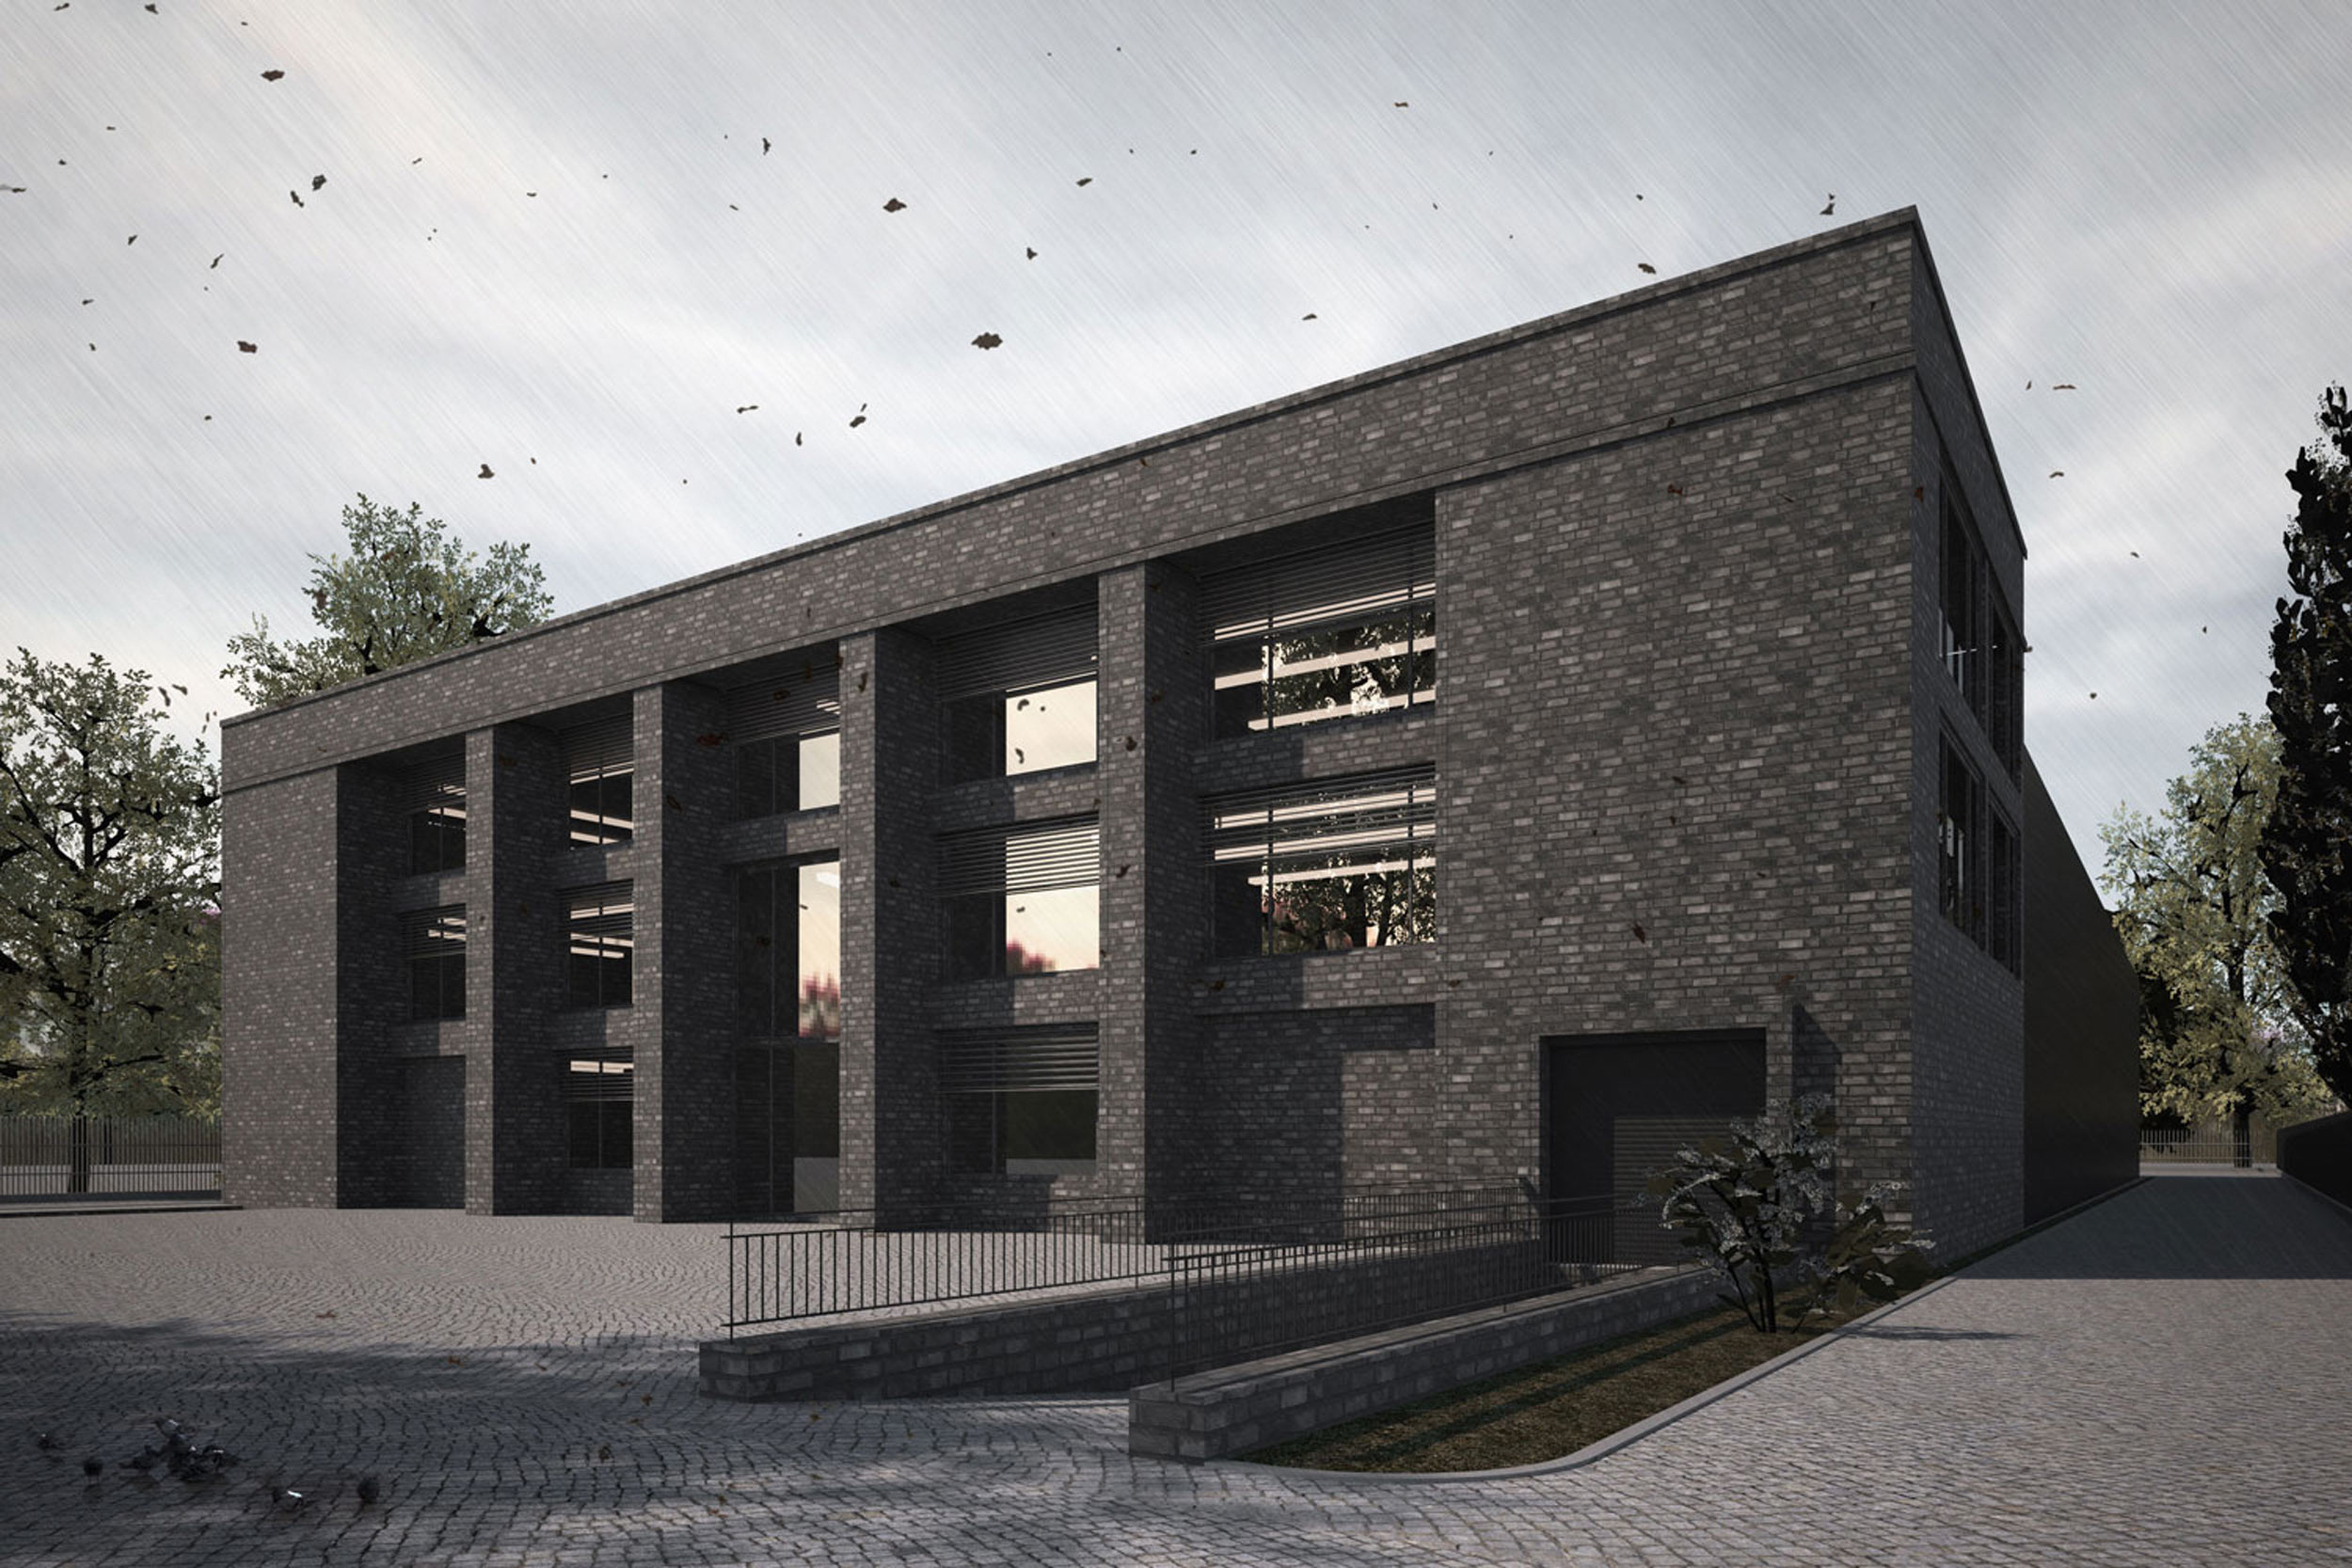 Neubau eines Logistikzentrums mit Büros und Lagerhalle aus Backstein - Doppelgeschossige Säulen aus Backstein strukturieren die moderne Gebäudeform.